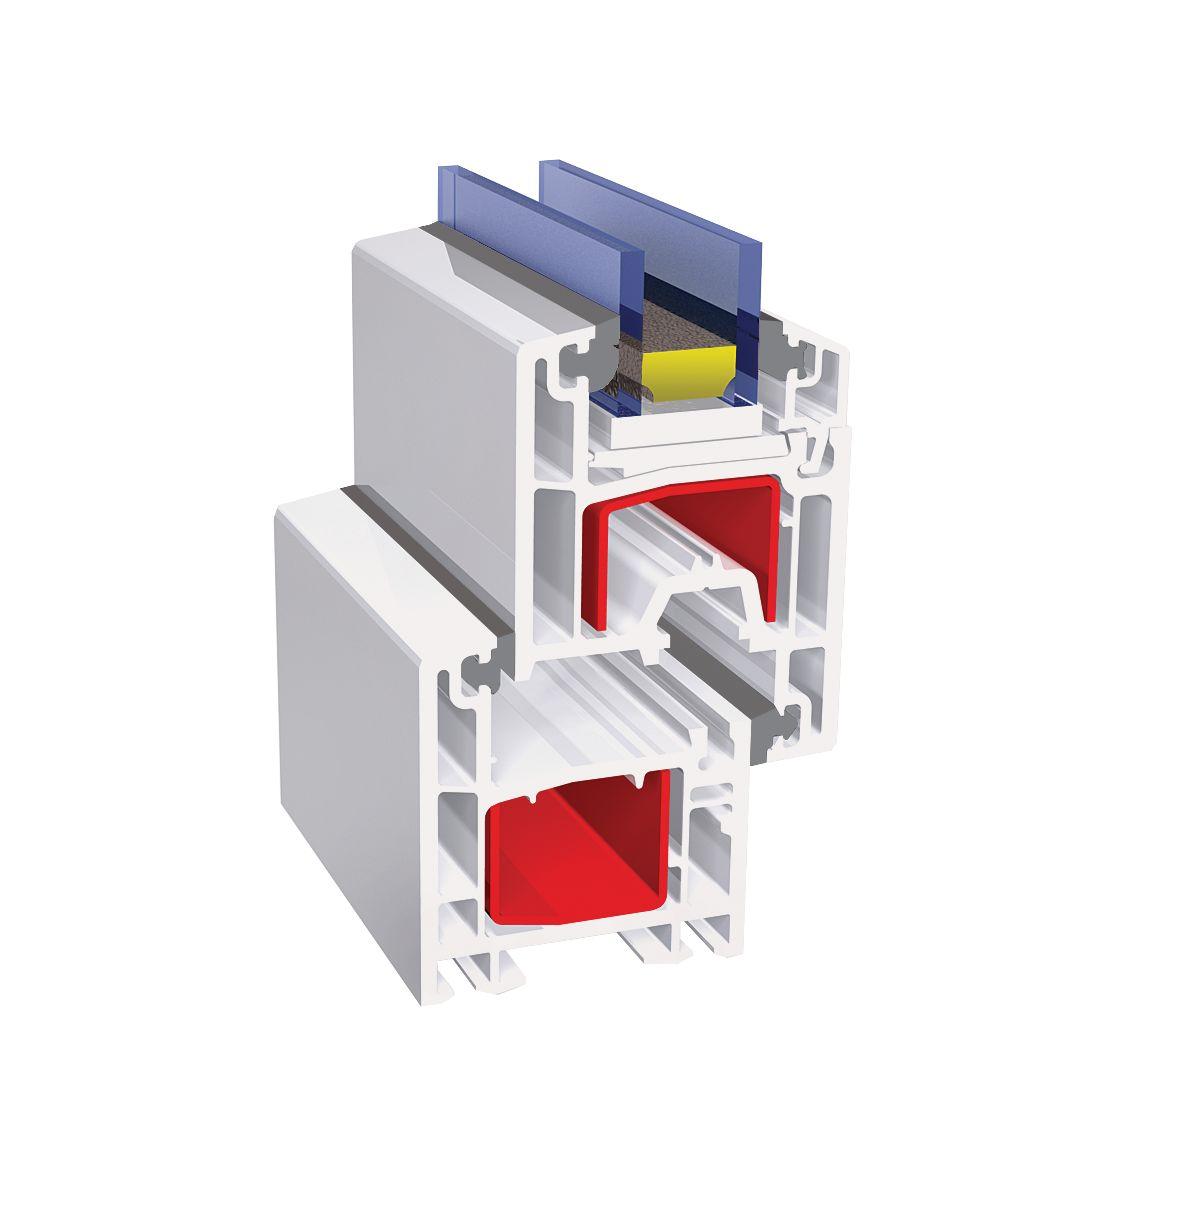 FERESTRE TERMOPANE model  KBE CLASSIC